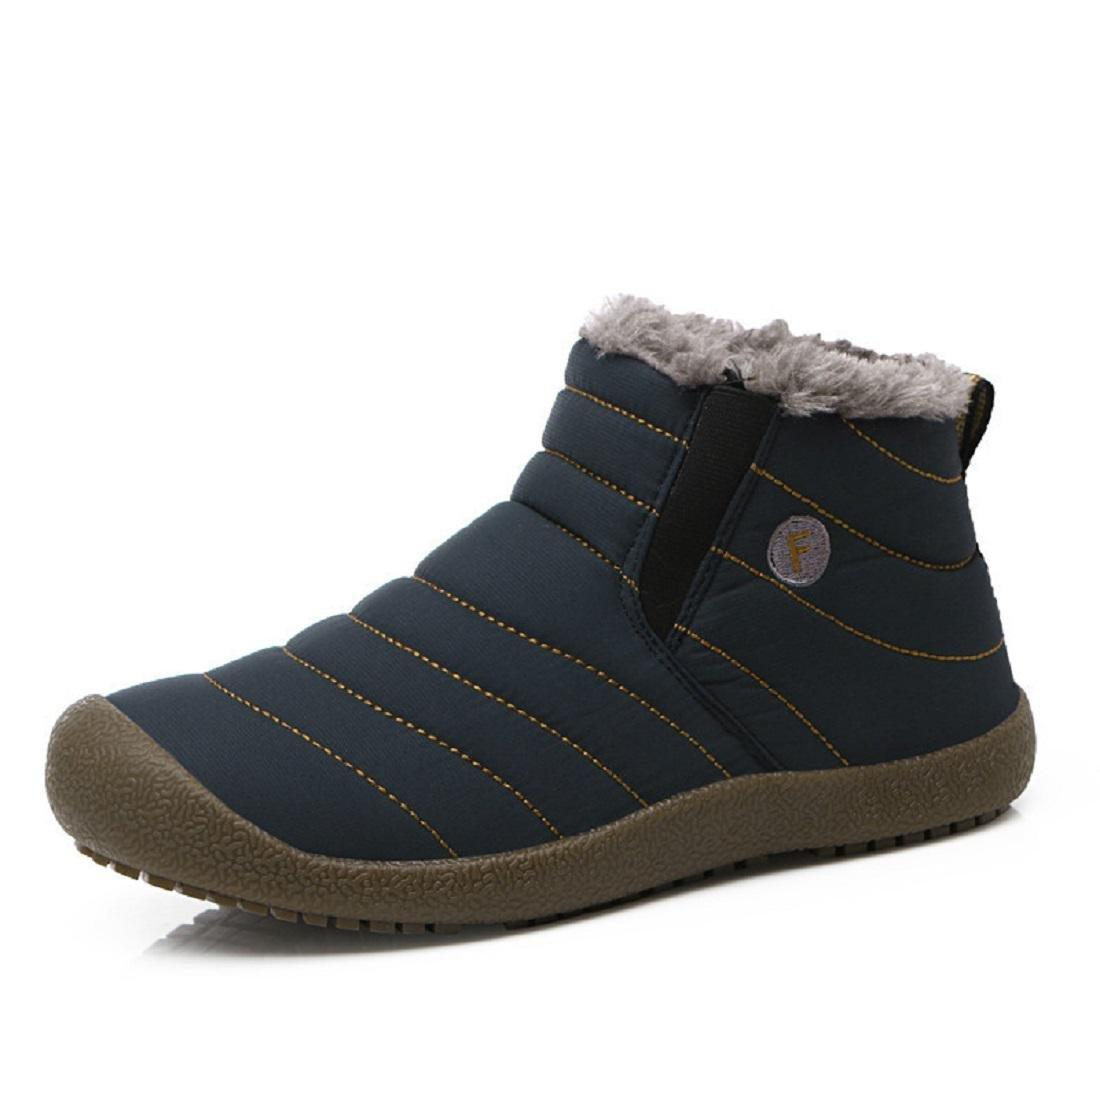 Herren Winter Warm halten Baumwollschuhe Flache Schuhe Flache Schuhe Trainer Draussen Werkzeugschuhe Große Größe EUR GRÖSSE 36-46